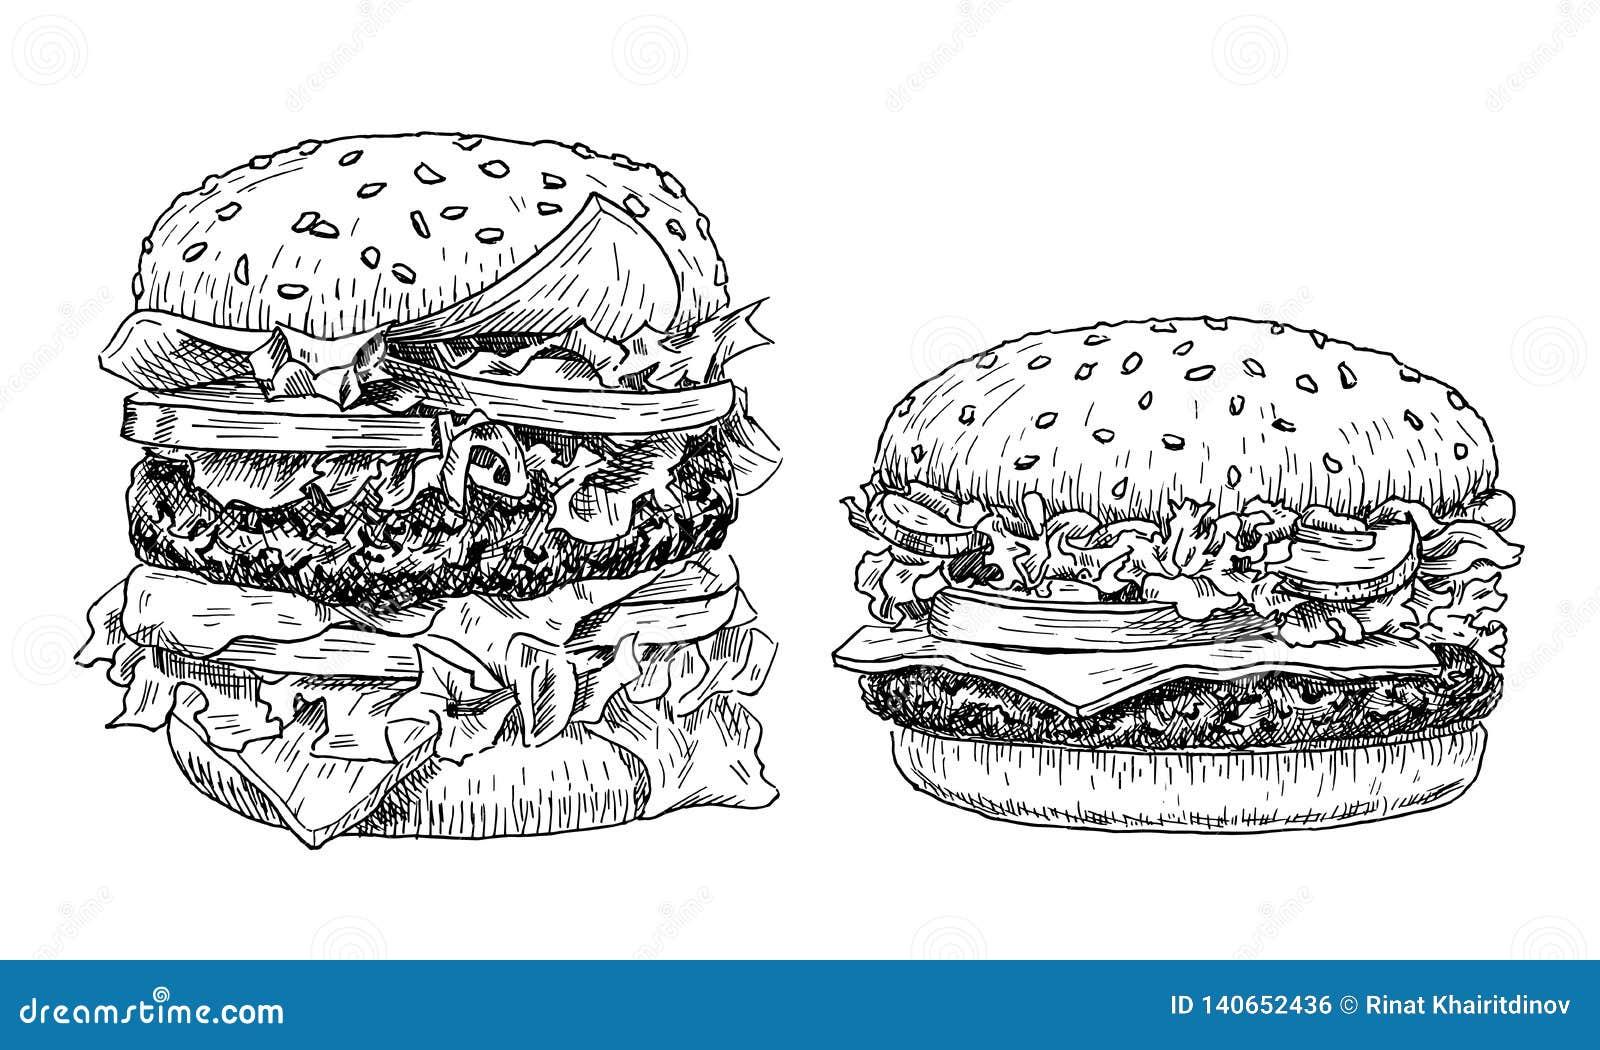 Συρμένη χέρι διανυσματική απεικόνιση χάμπουργκερ και cheeseburger Χαραγμένο γρήγορο φαγητό ύφος Σκίτσο Burgers που απομονώνεται σ